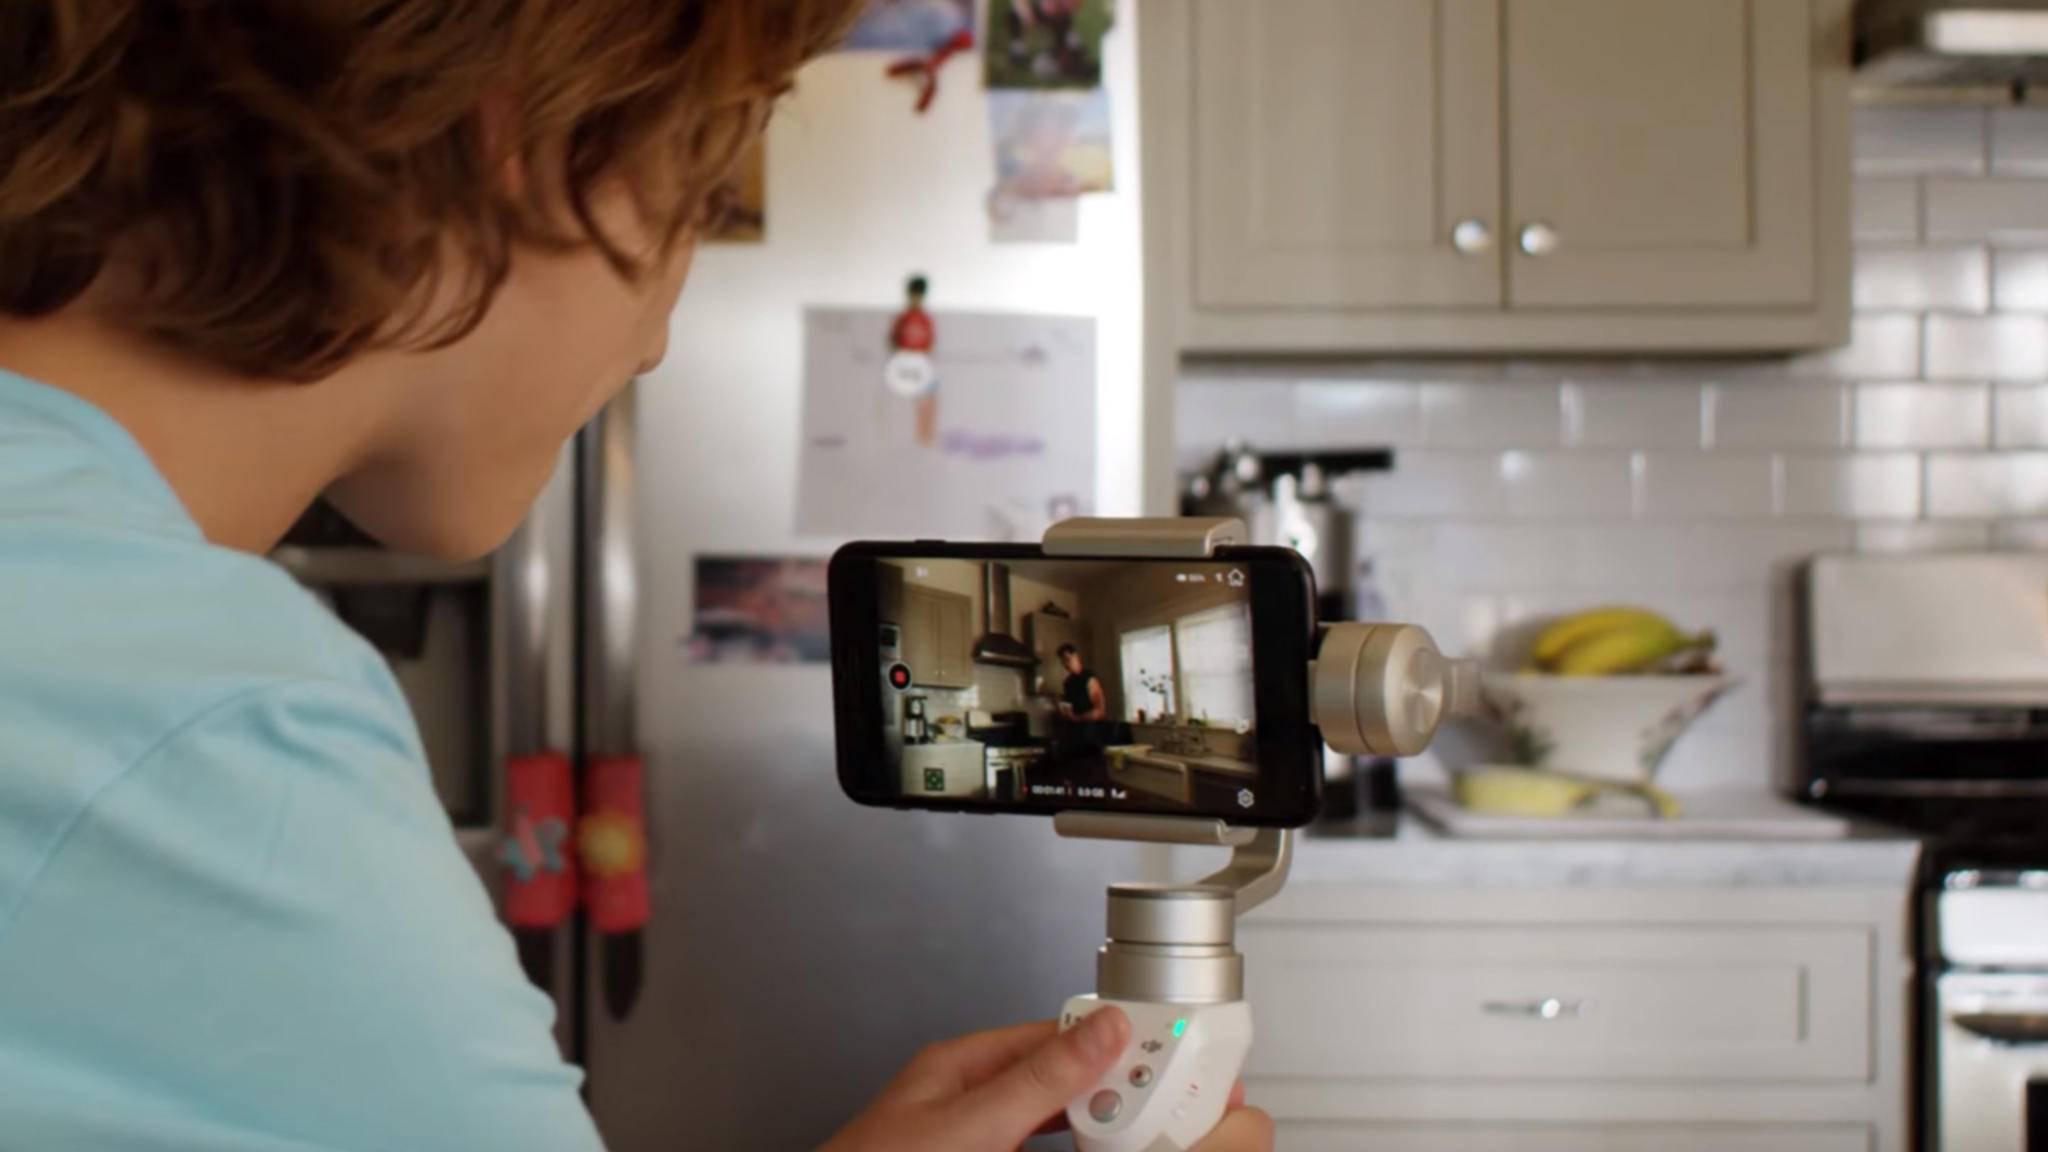 Mit einem Gimbal-System fürs iPhone wirken Videos besonders professionell.